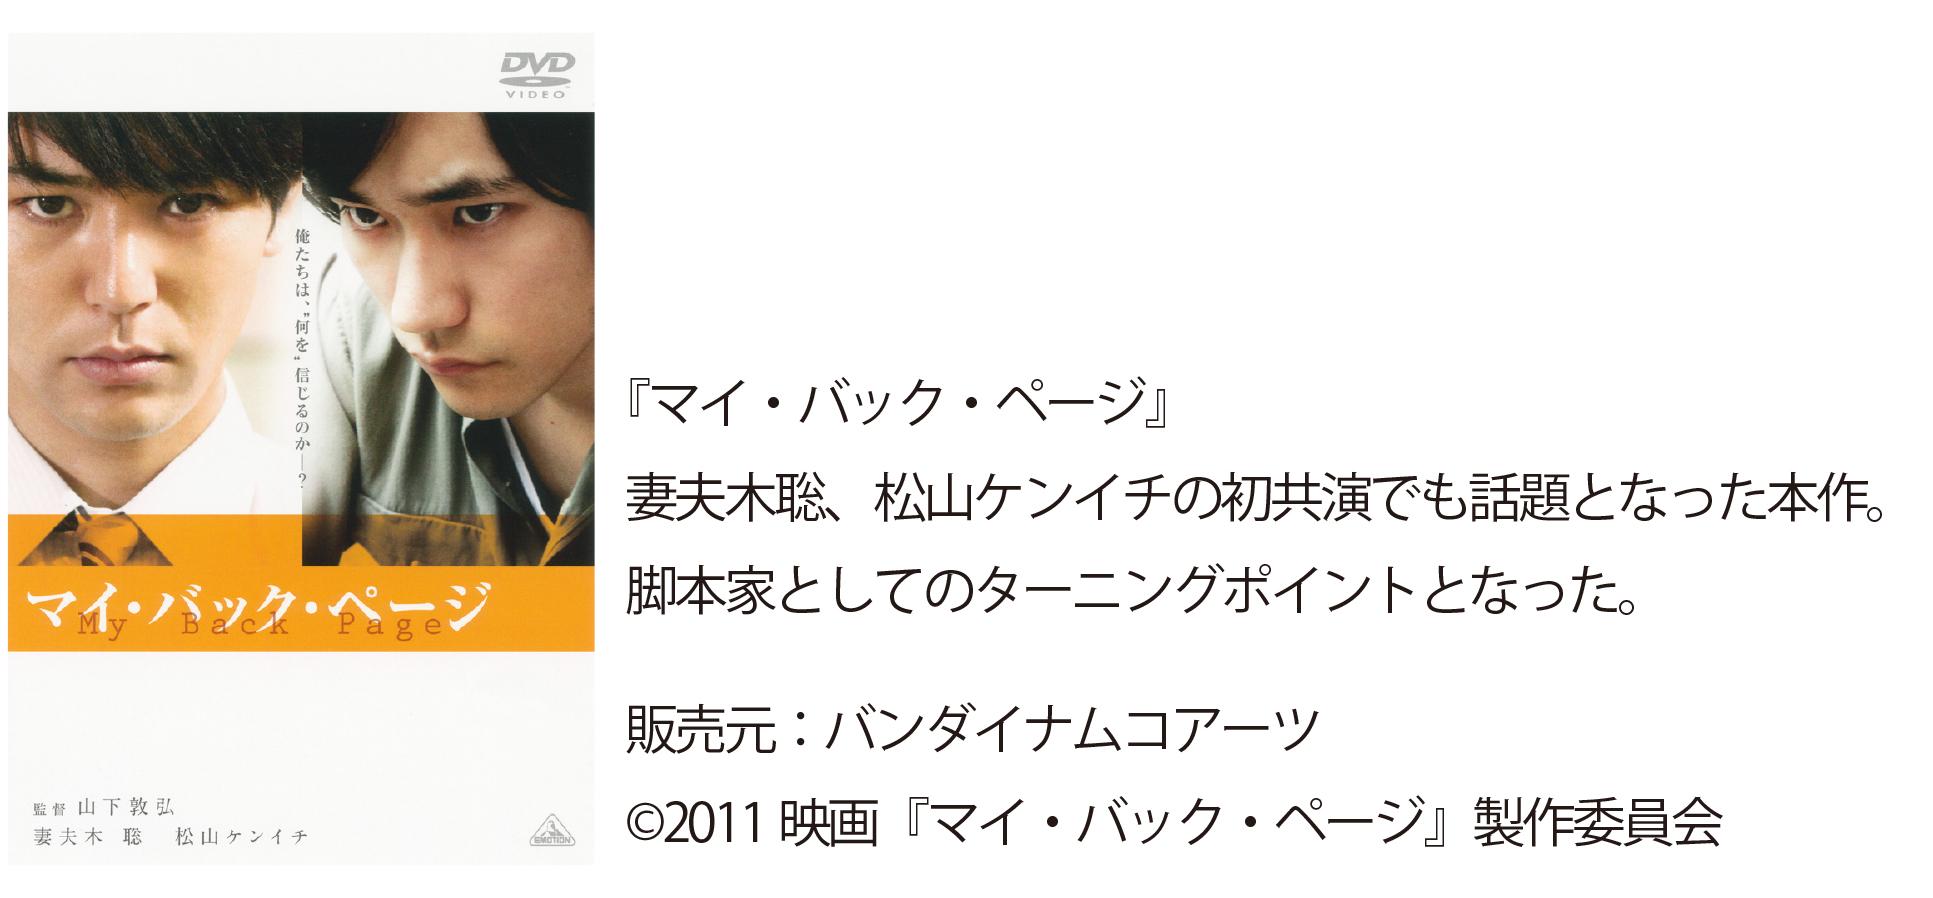 『マイ・バック・ページ』妻夫木聡、松山ケンイチの初共演でも話題となった。